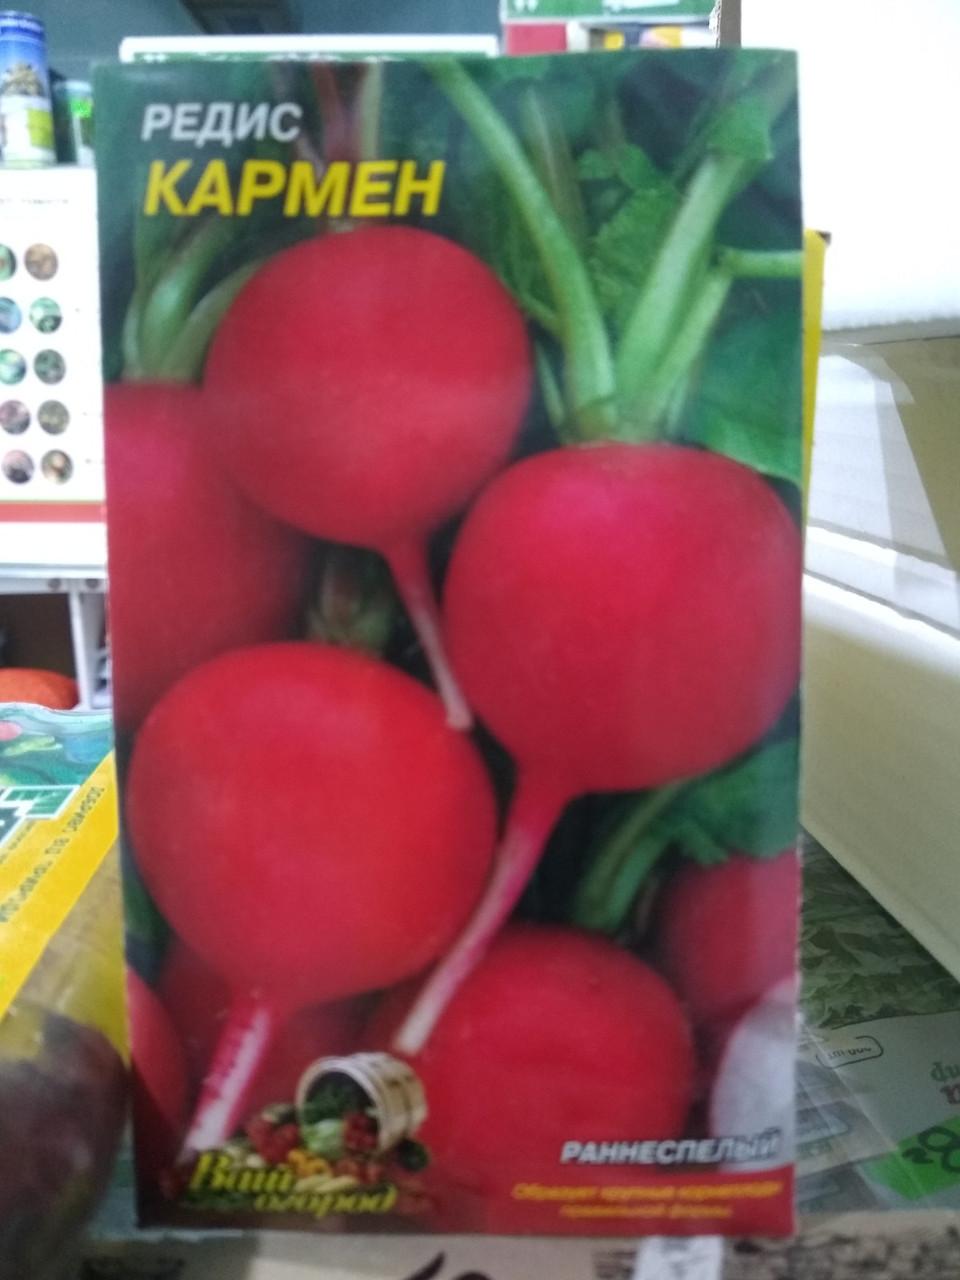 Редис ранній Кармен насіння 5 грам кругла, червоного кольору